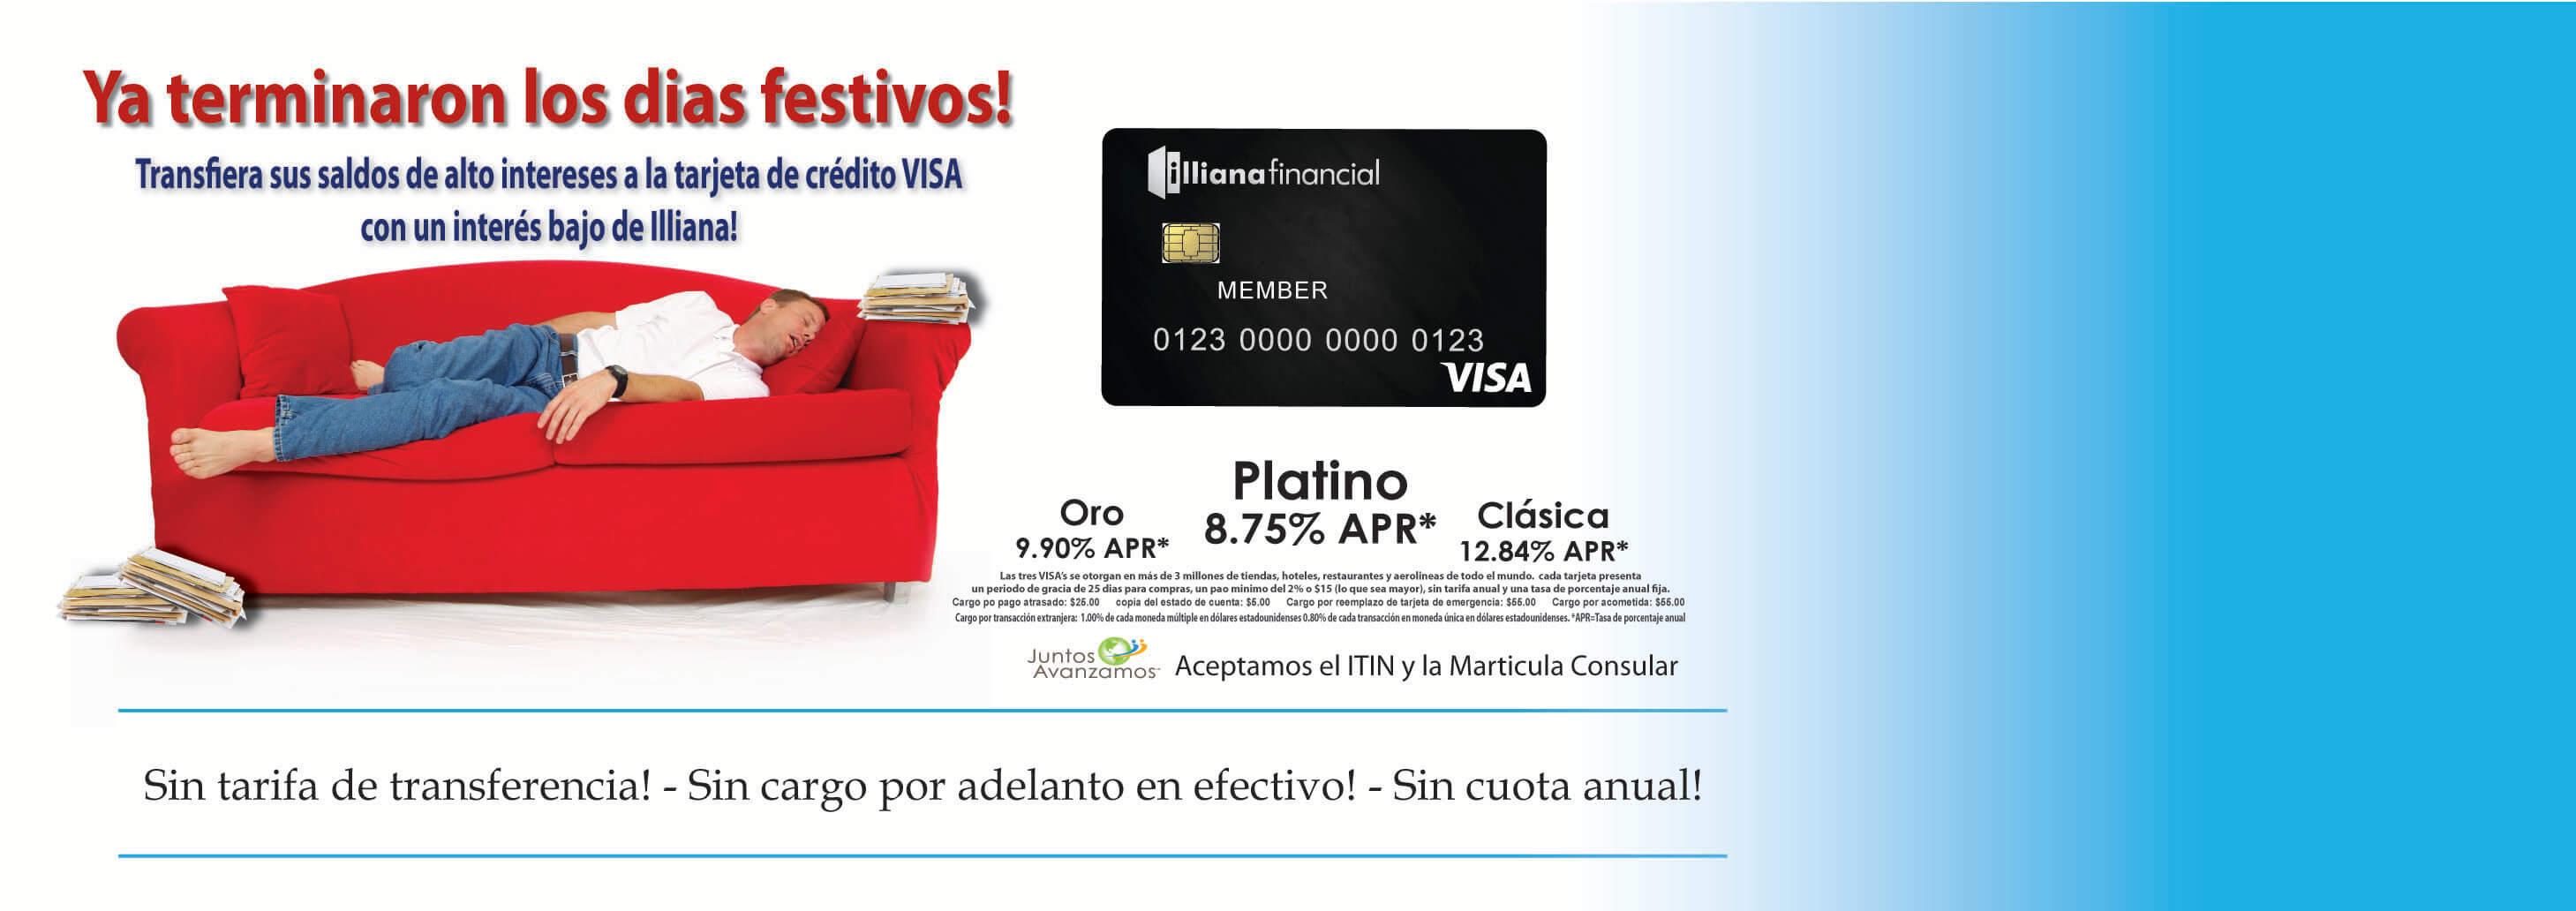 Ya terminaron los dias festivos! Tarjeta de Visa